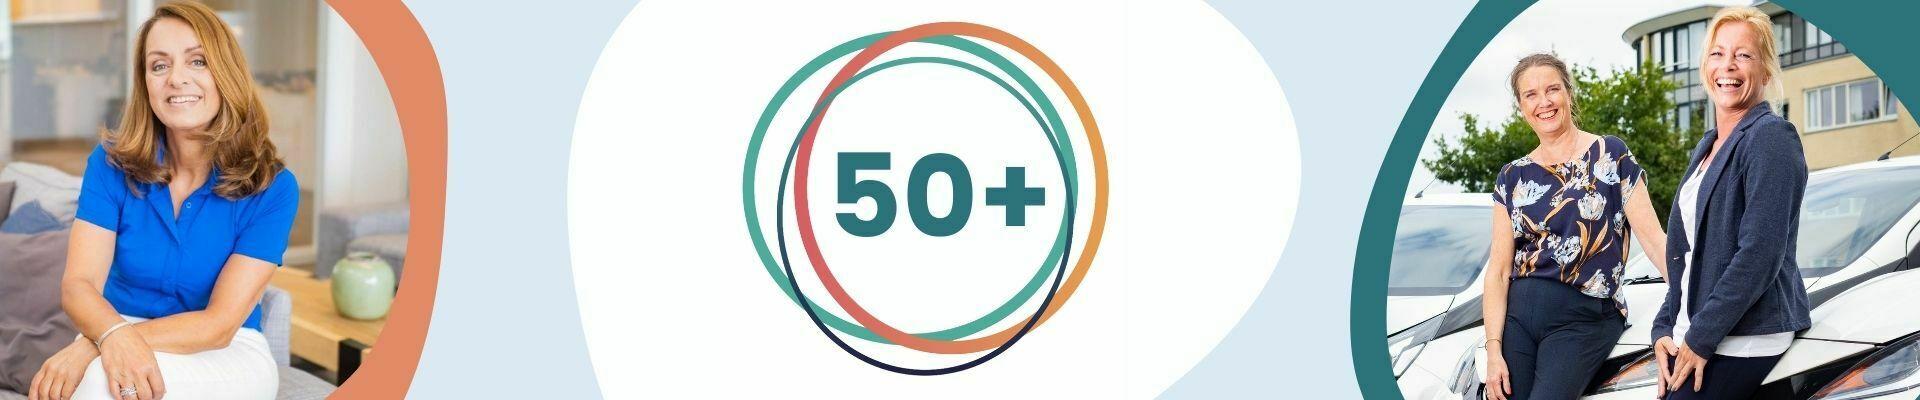 Informatiebijeenkomst Traineeship 50+ - II